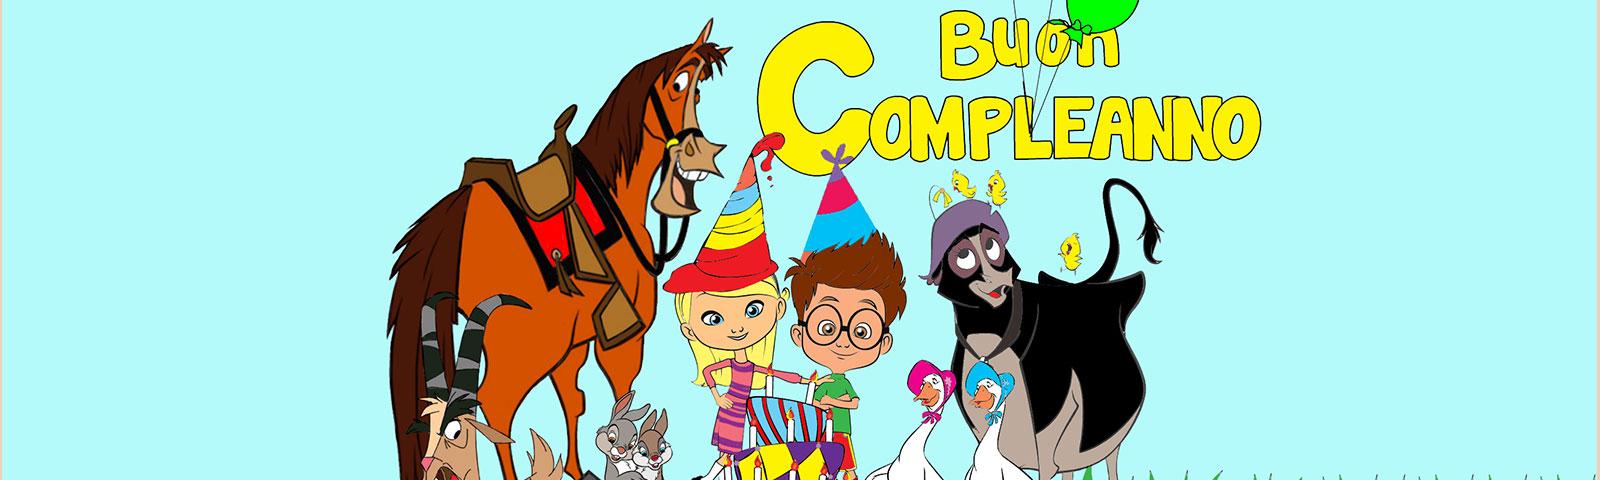 Feste di compleanno in cascina con gli animali